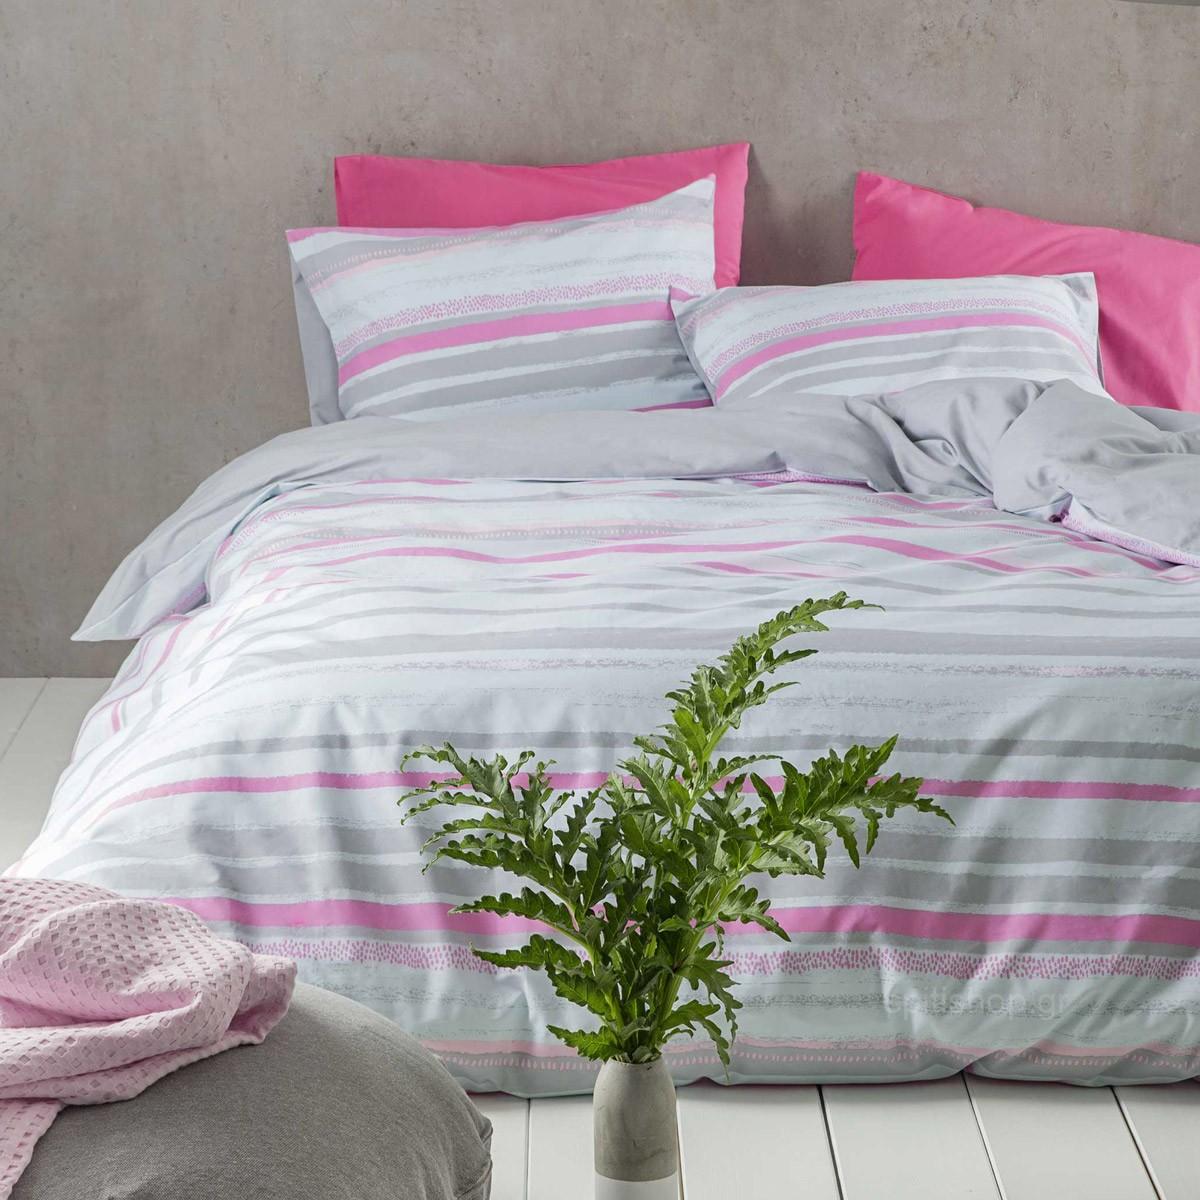 Σεντόνια Υπέρδιπλα (Σετ) Nima Bed Linen Kekoa Pink ΧΩΡΙΣ ΛΑΣΤΙΧΟ ΧΩΡΙΣ ΛΑΣΤΙΧΟ 89151